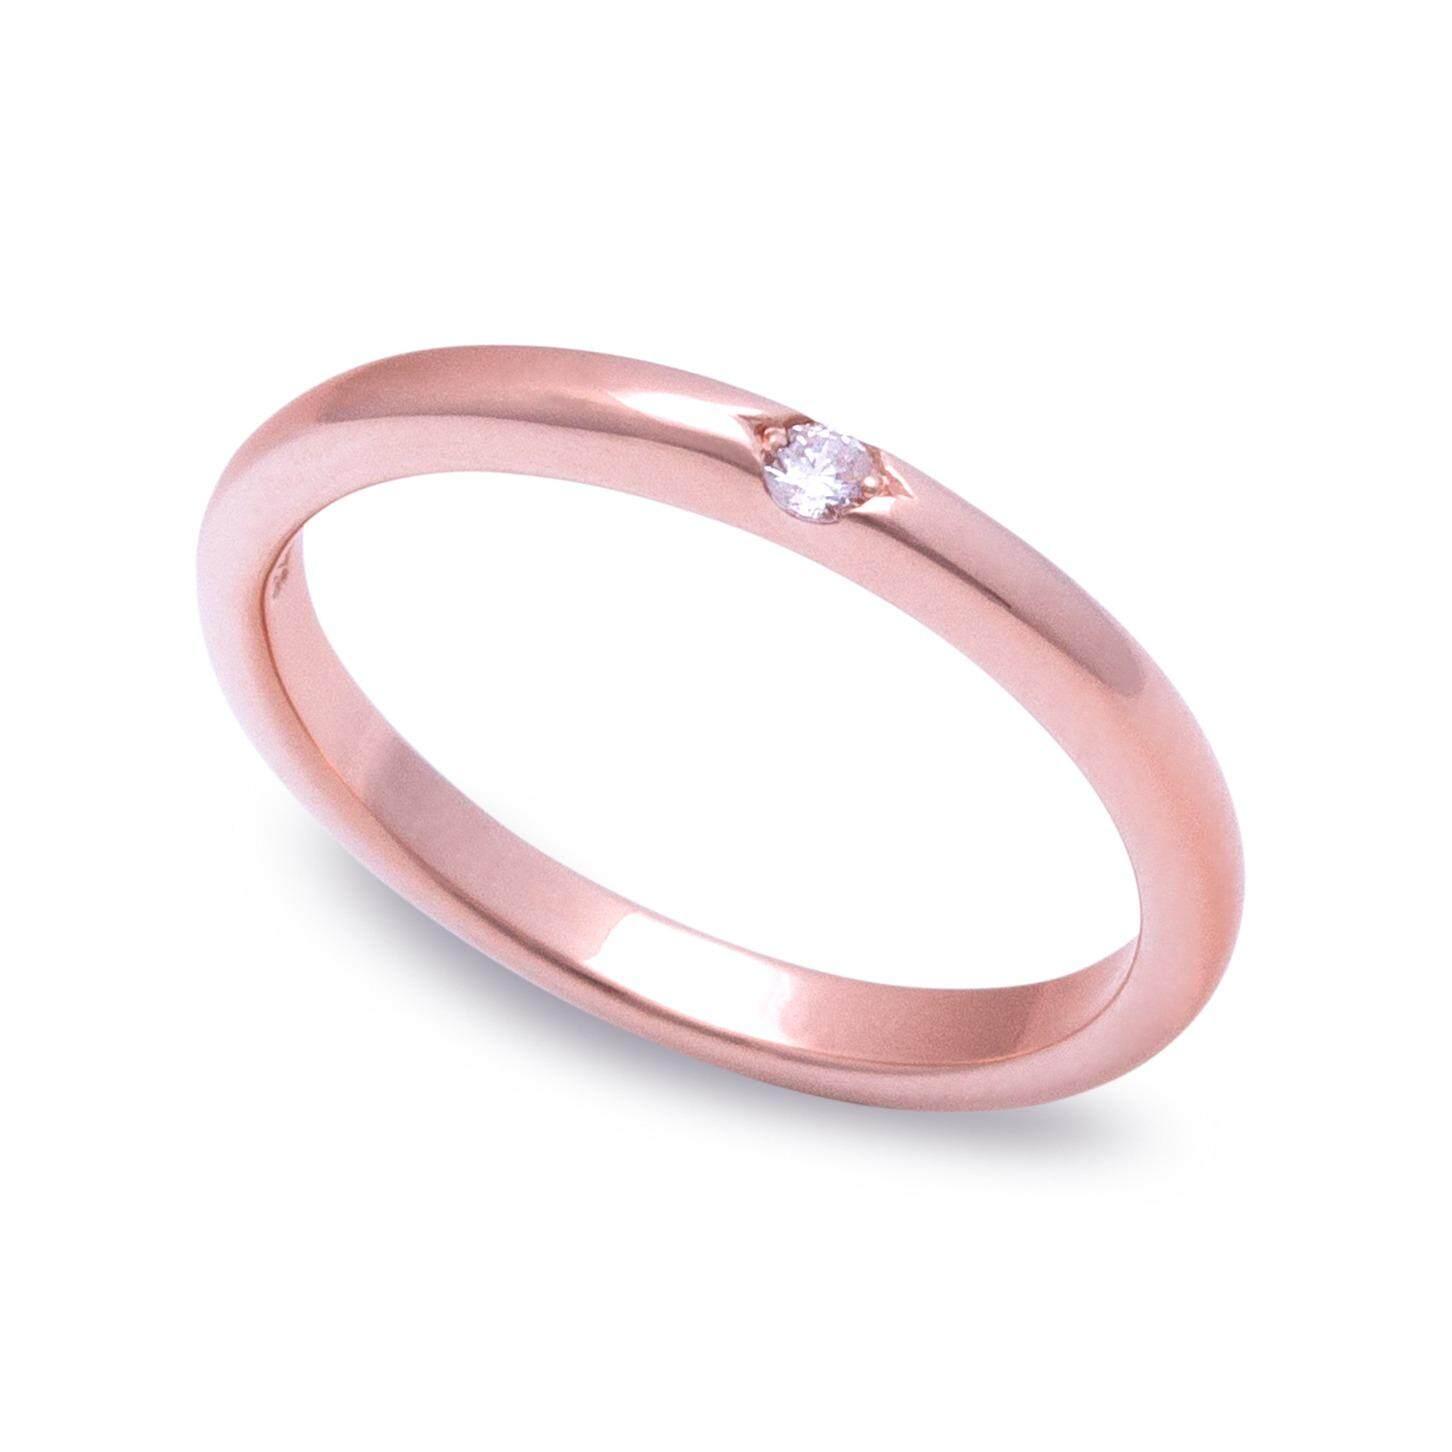 ขาย Fly G*rl Jewelry แหวนเพชรCz เกรดพรีเมี่ยม แหวนเงินแท้ชุบทองพิงค์โกลด์ ราคาถูกที่สุด